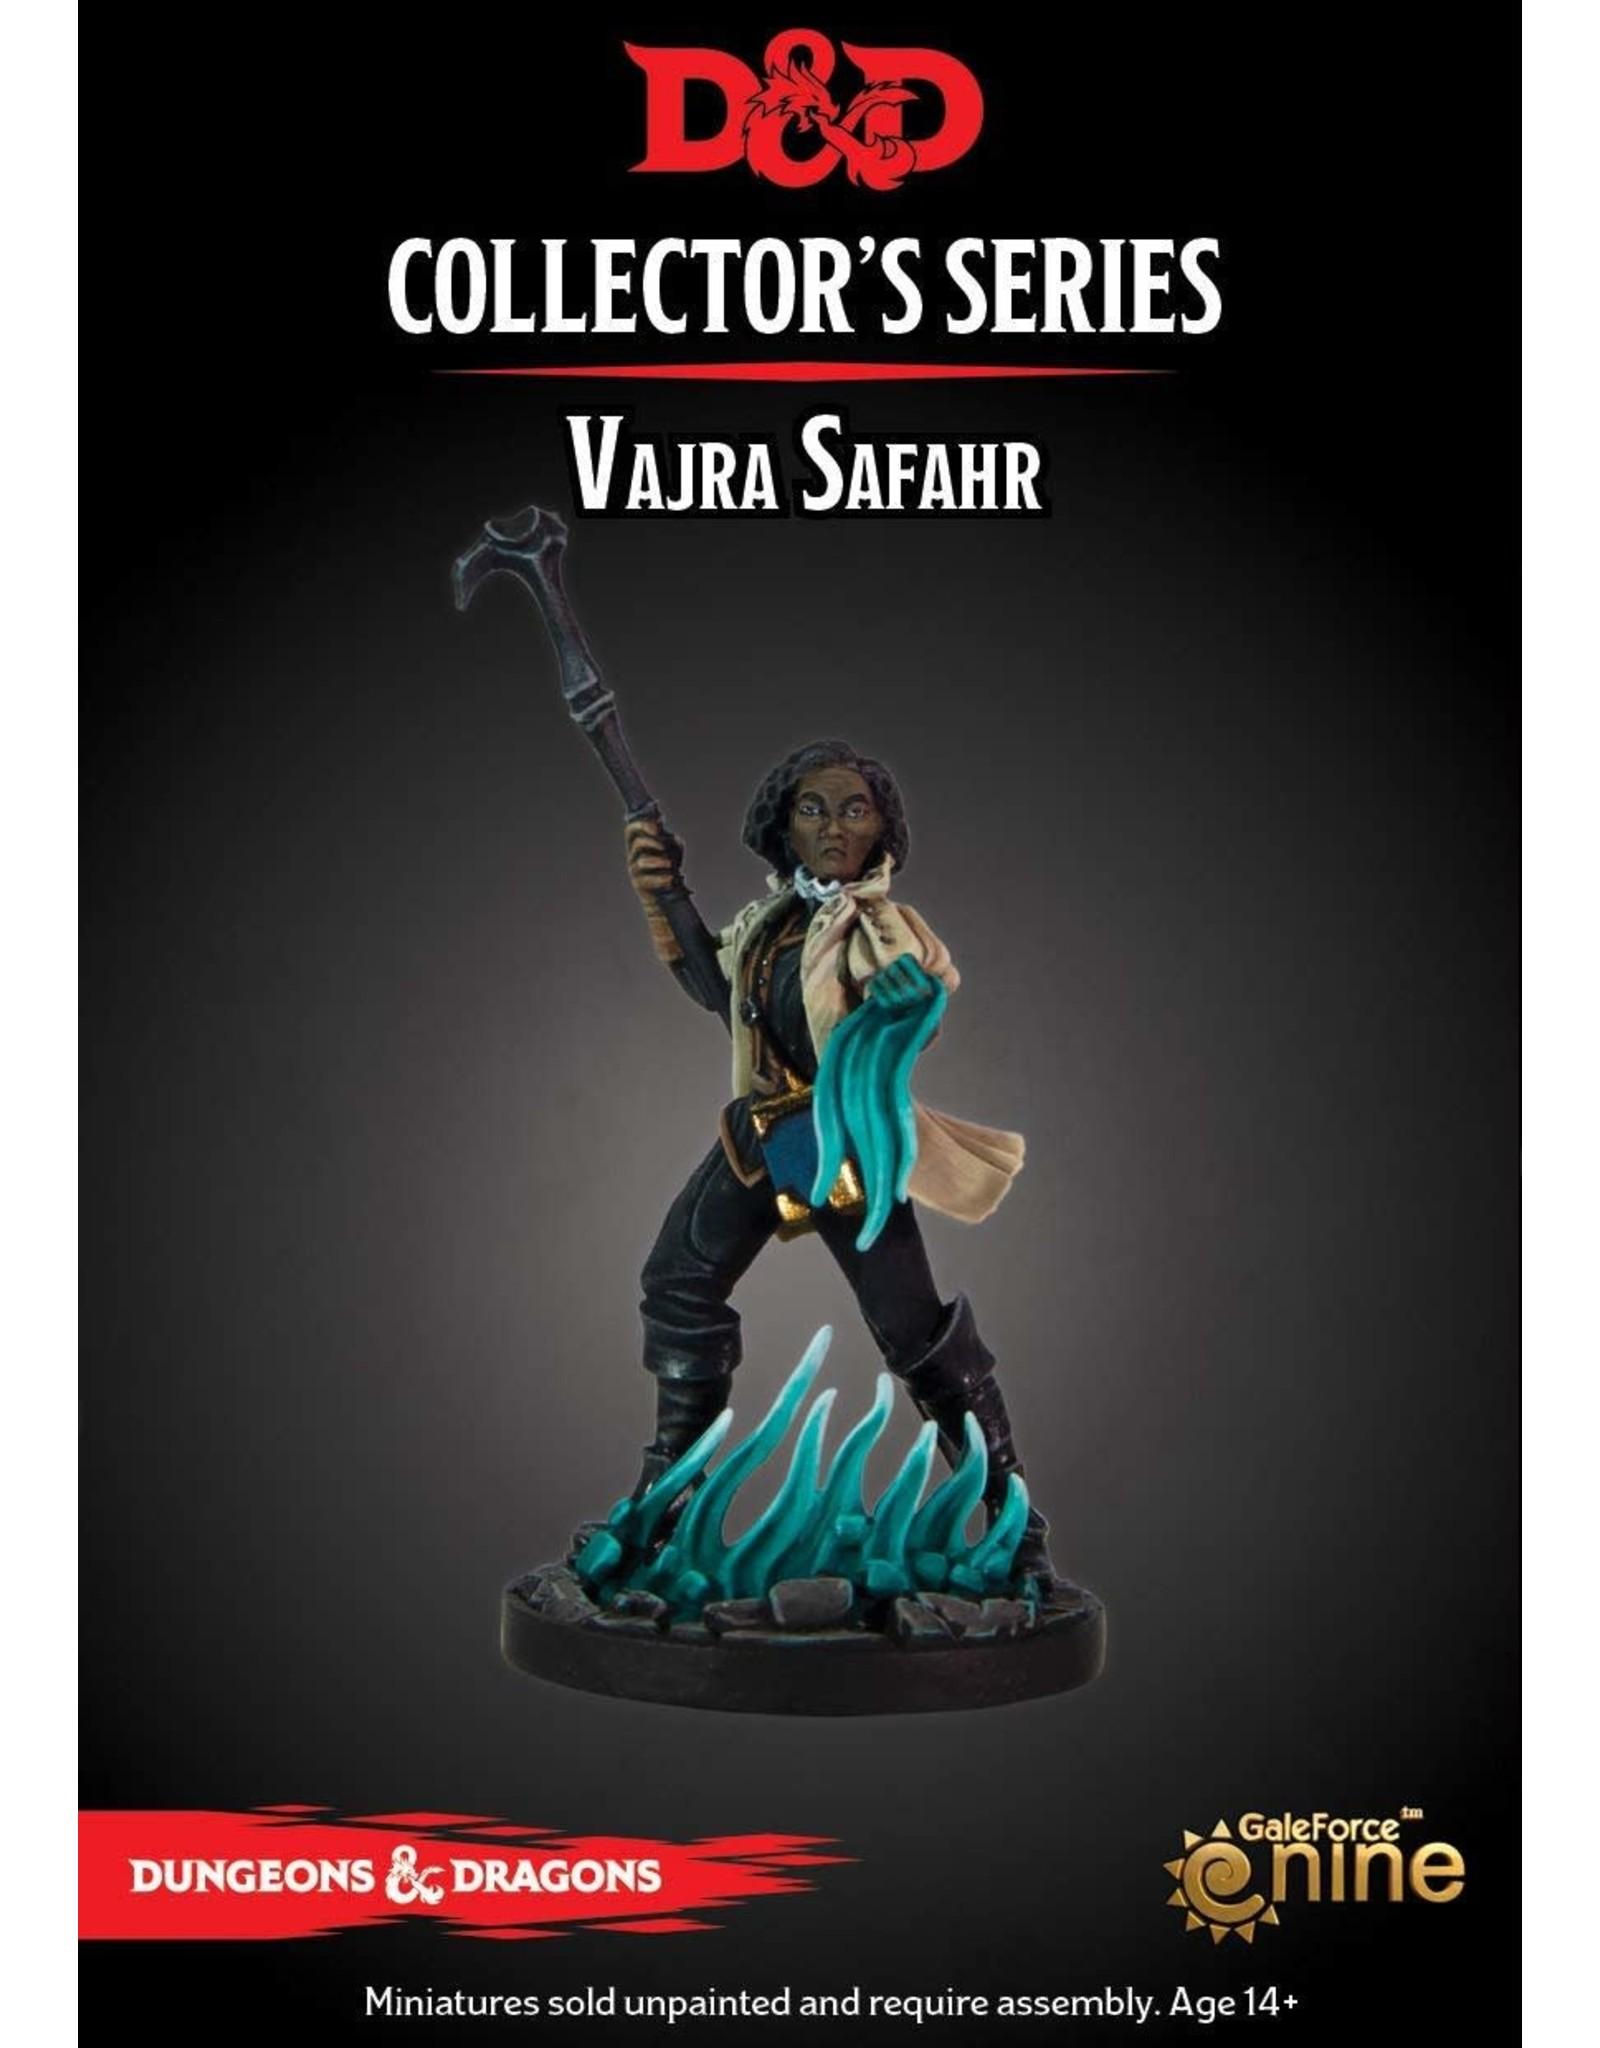 GaleForce9 GF9: D&D Collector's Series: Vajra Safahr